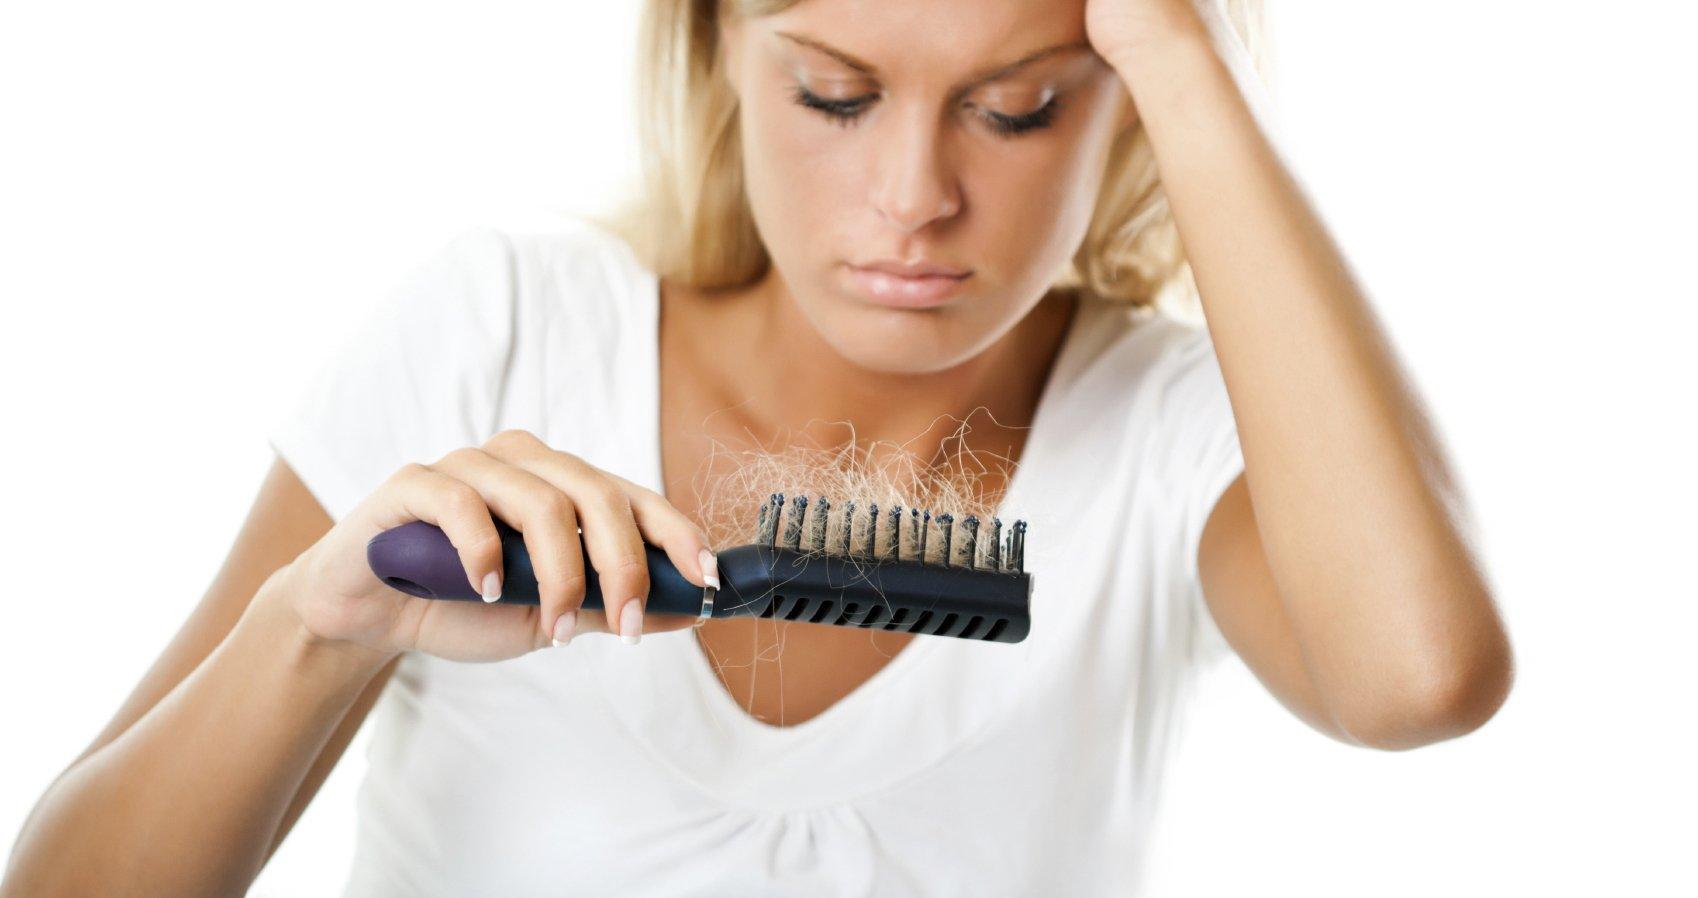 Які вітаміни потрібні для волосся від випадіння? Отримання необхідних речовин з продуктів. Аптечні засоби зміцнення волосся